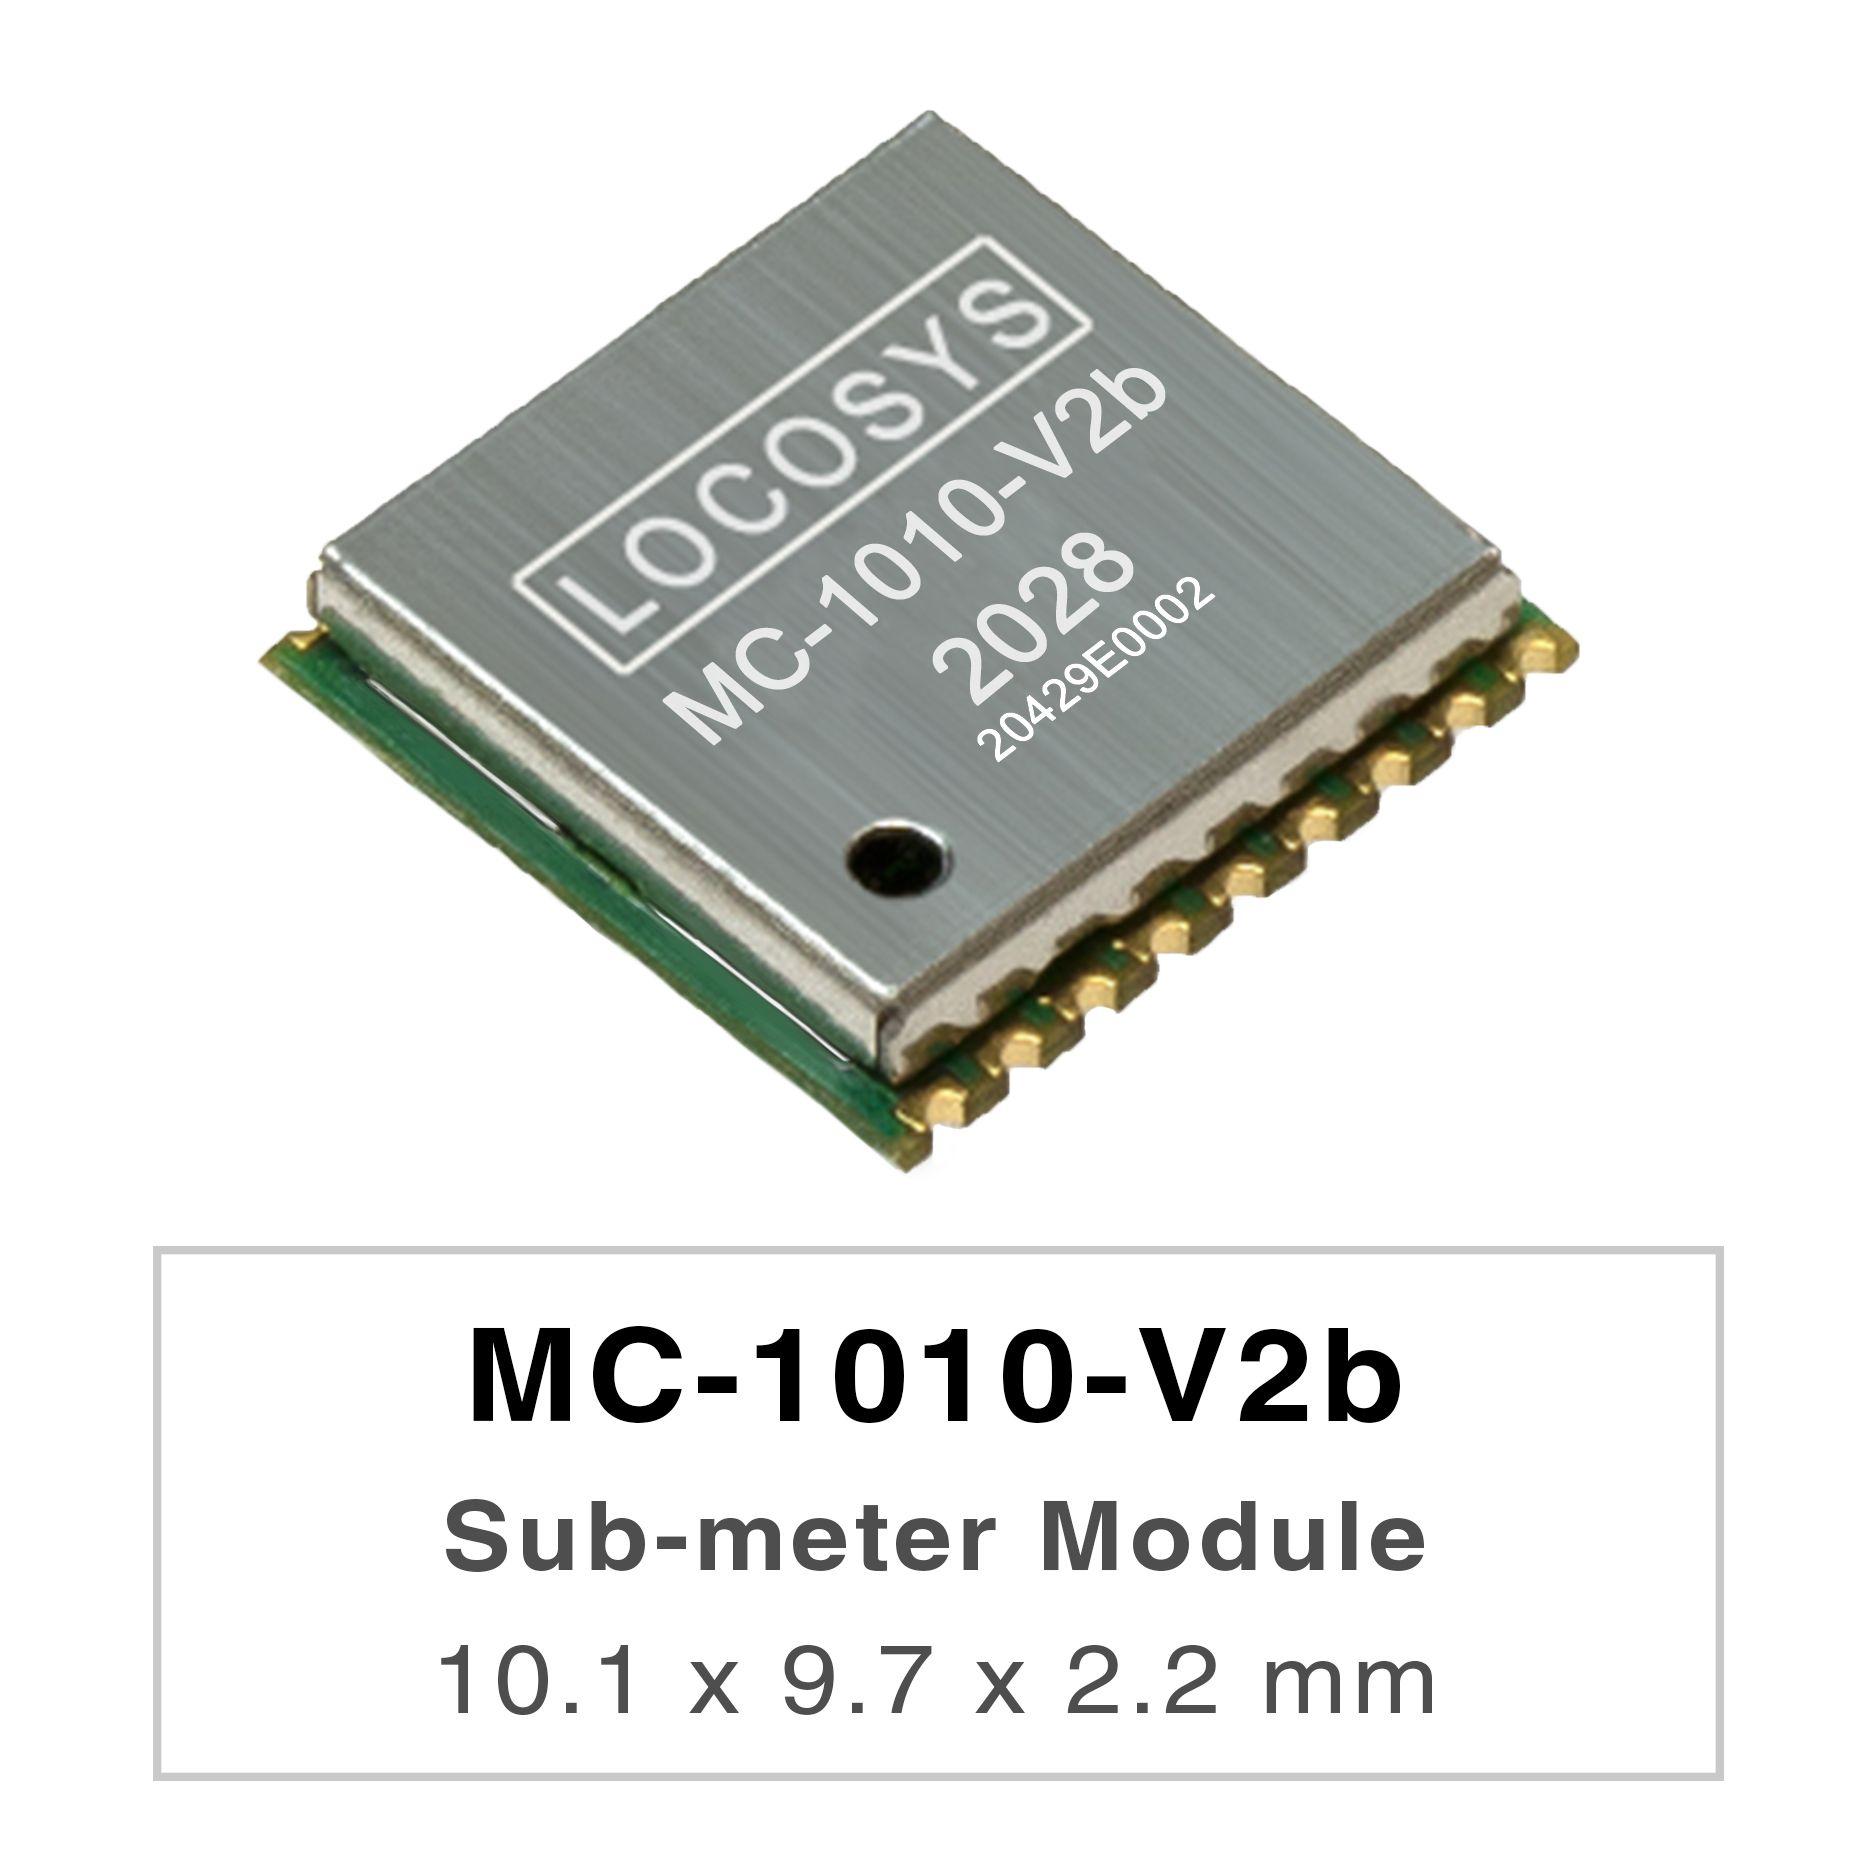 Die LOCOSYS MC-1010-Vxx-Serie sind leistungsstarke Dualband-GNSS-Positionierungsmodule, die in der Lage sind , alle globalen zivilen Navigationssysteme zu verfolgen. Sie verwenden einen 12-nm-Prozess und integrieren eine effiziente Energieverwaltungsarchitektur, um einen geringen Stromverbrauch und eine hohe Empfindlichkeit zu erzielen.